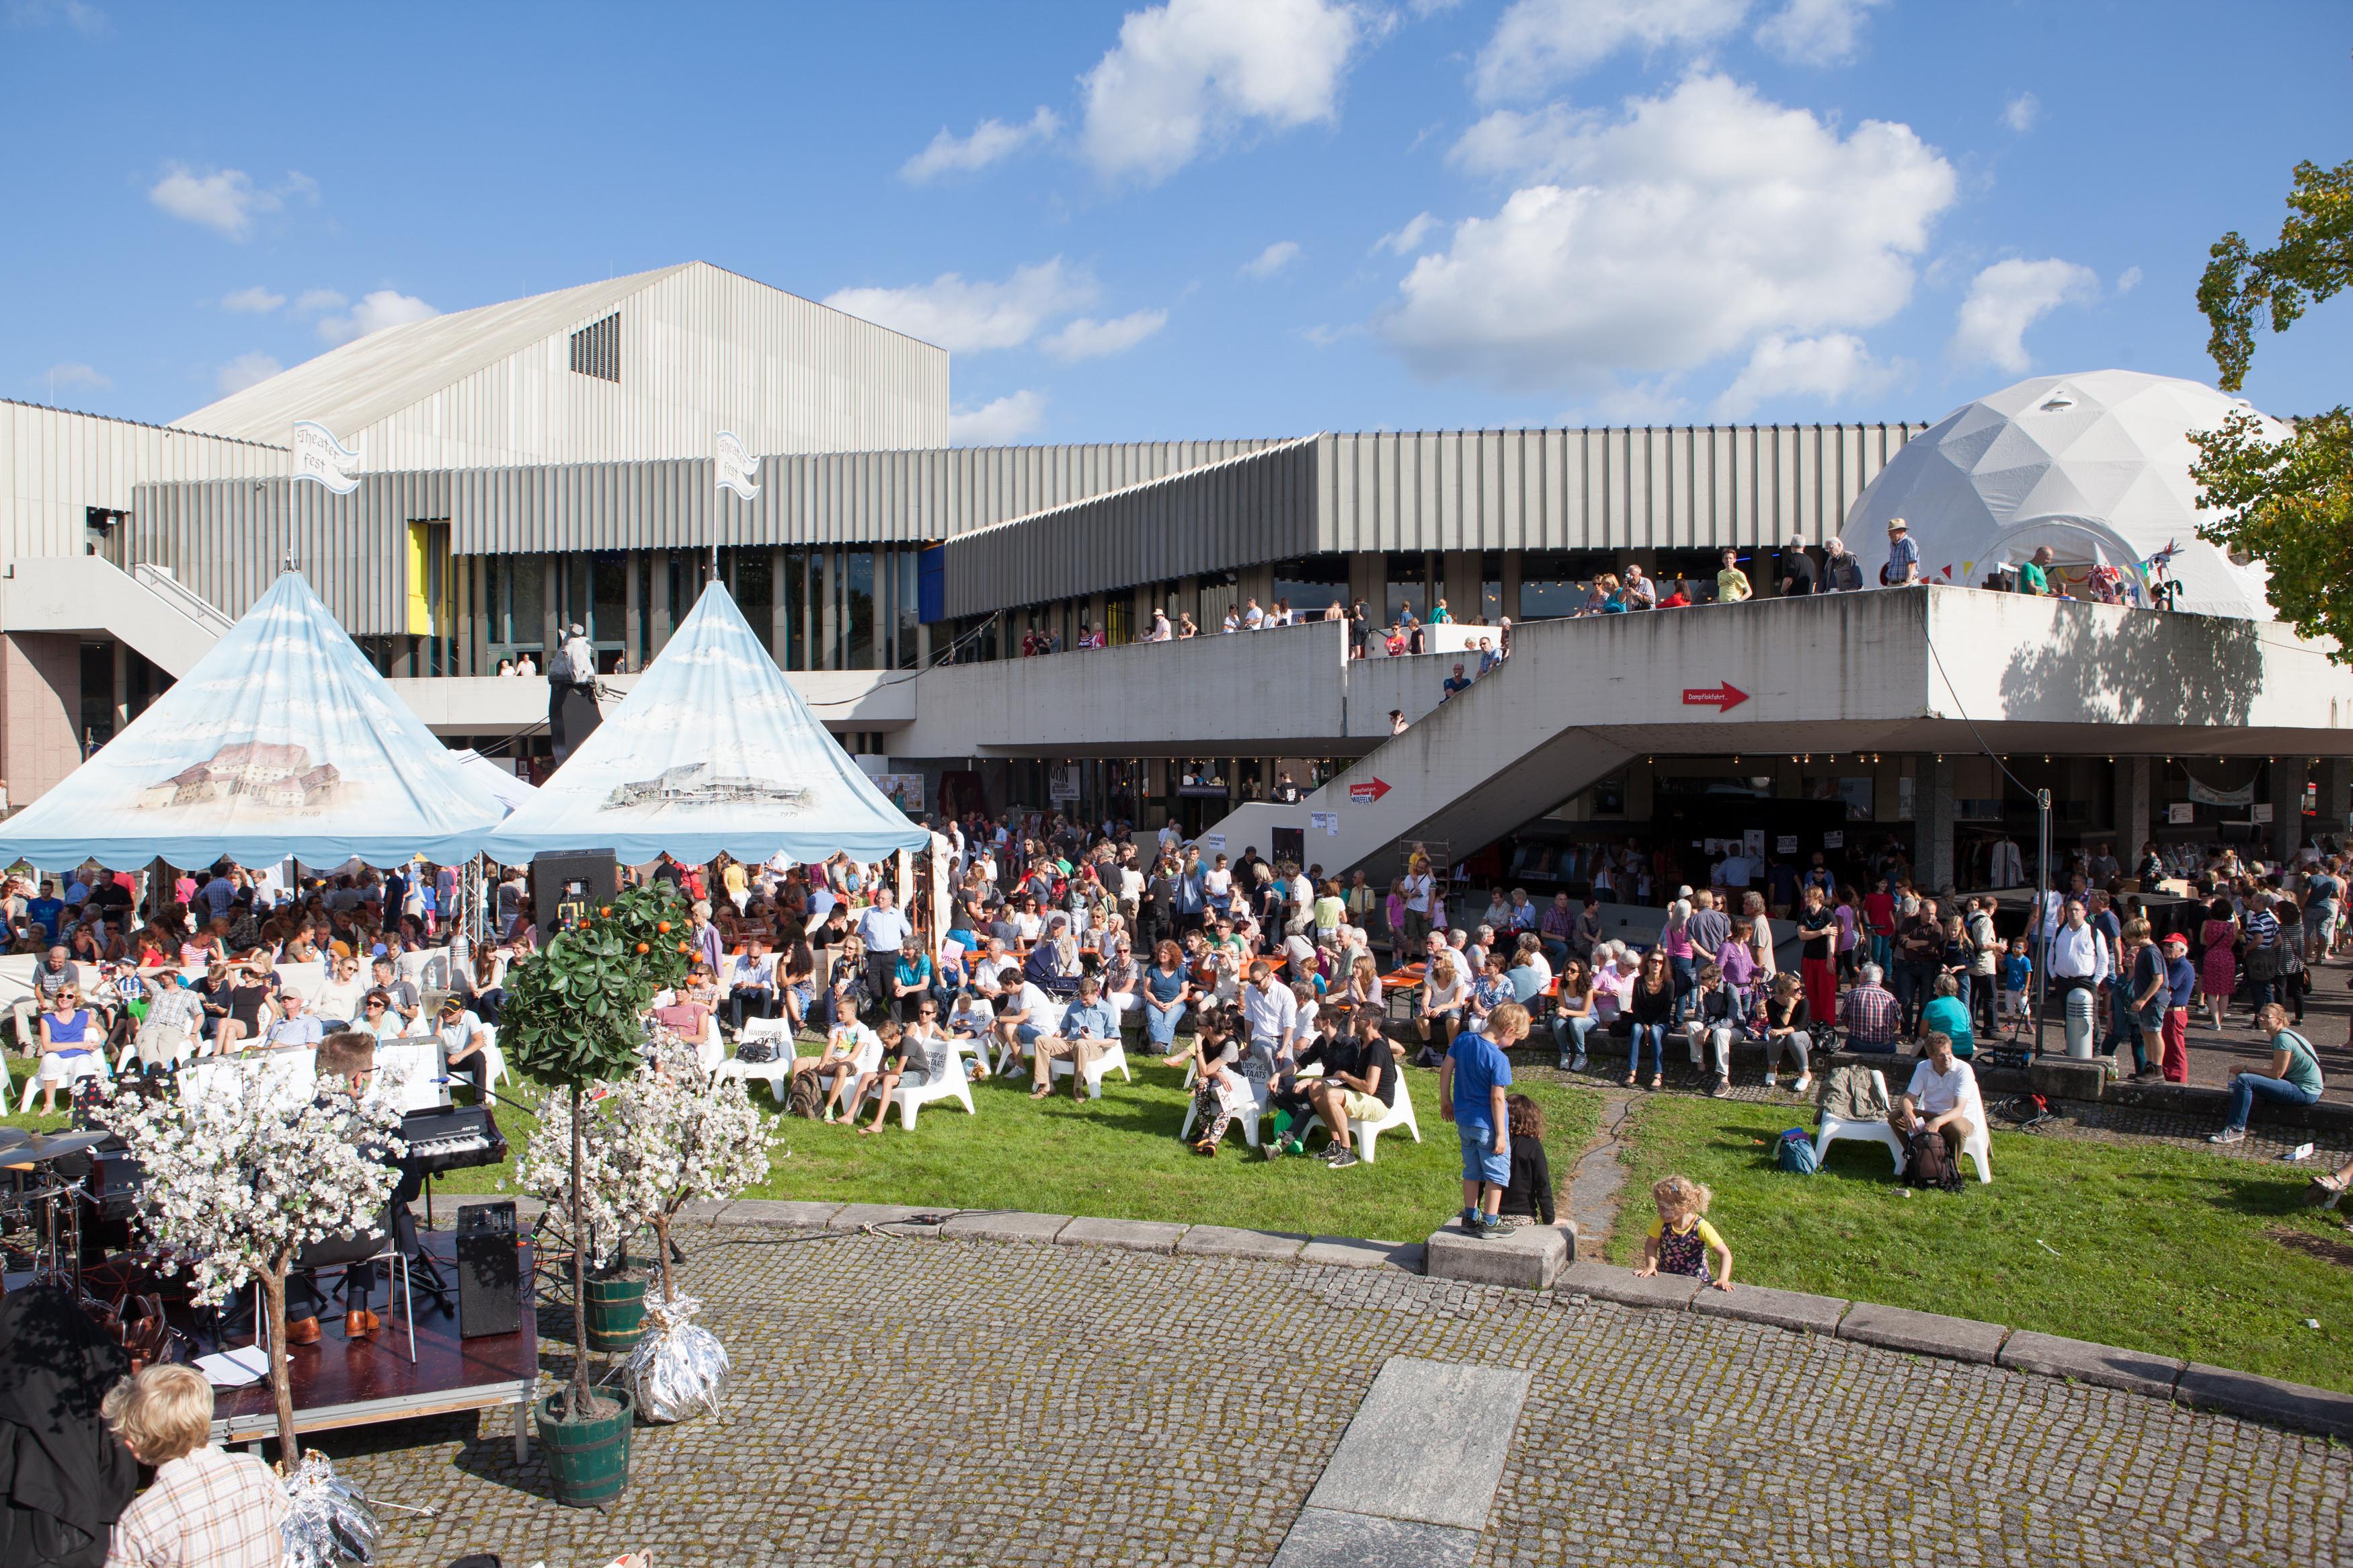 Nationaltheater Karlsruhe